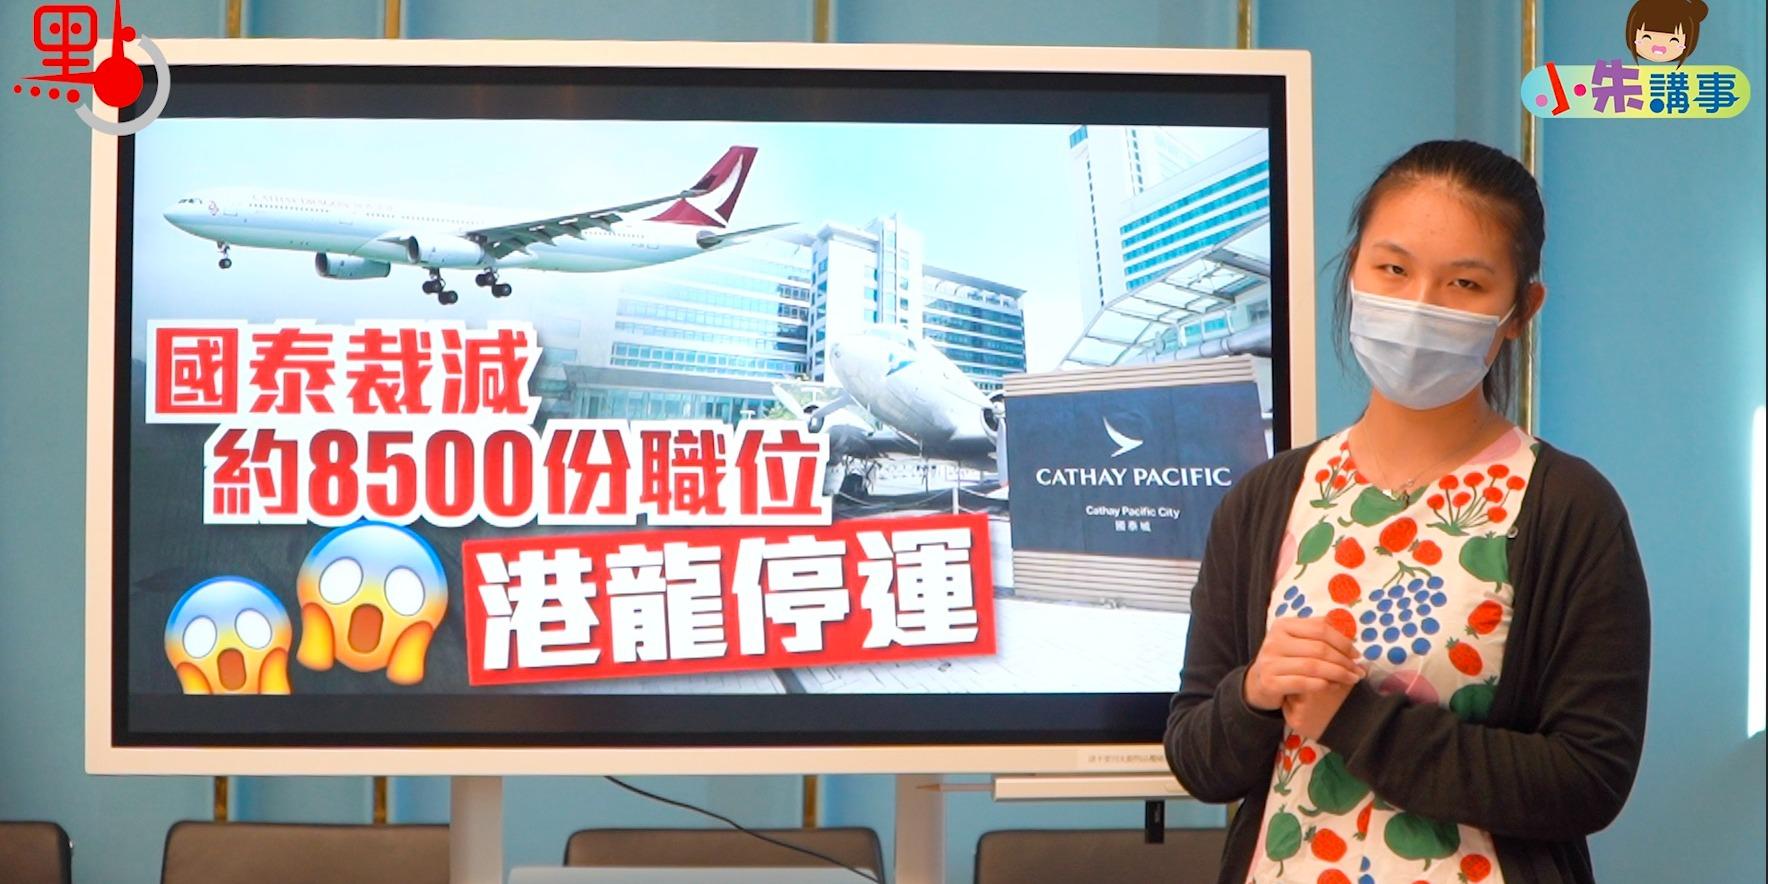 小朱講事|國泰裁員港龍停運 大灣區的融入是香港必然趨勢